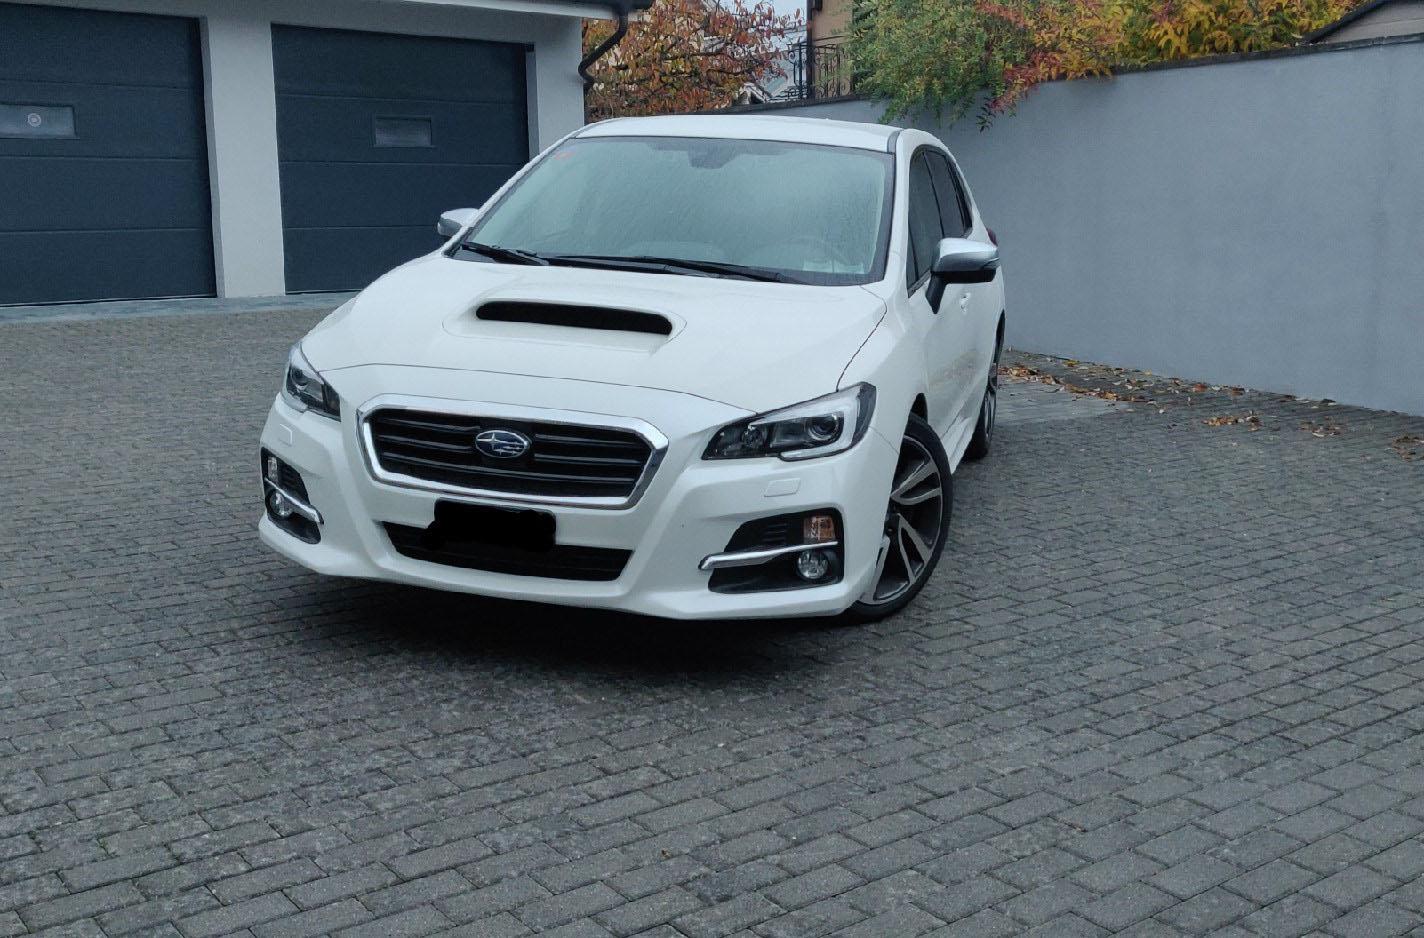 Subaru Levorg 1.6 DIT Swiss S